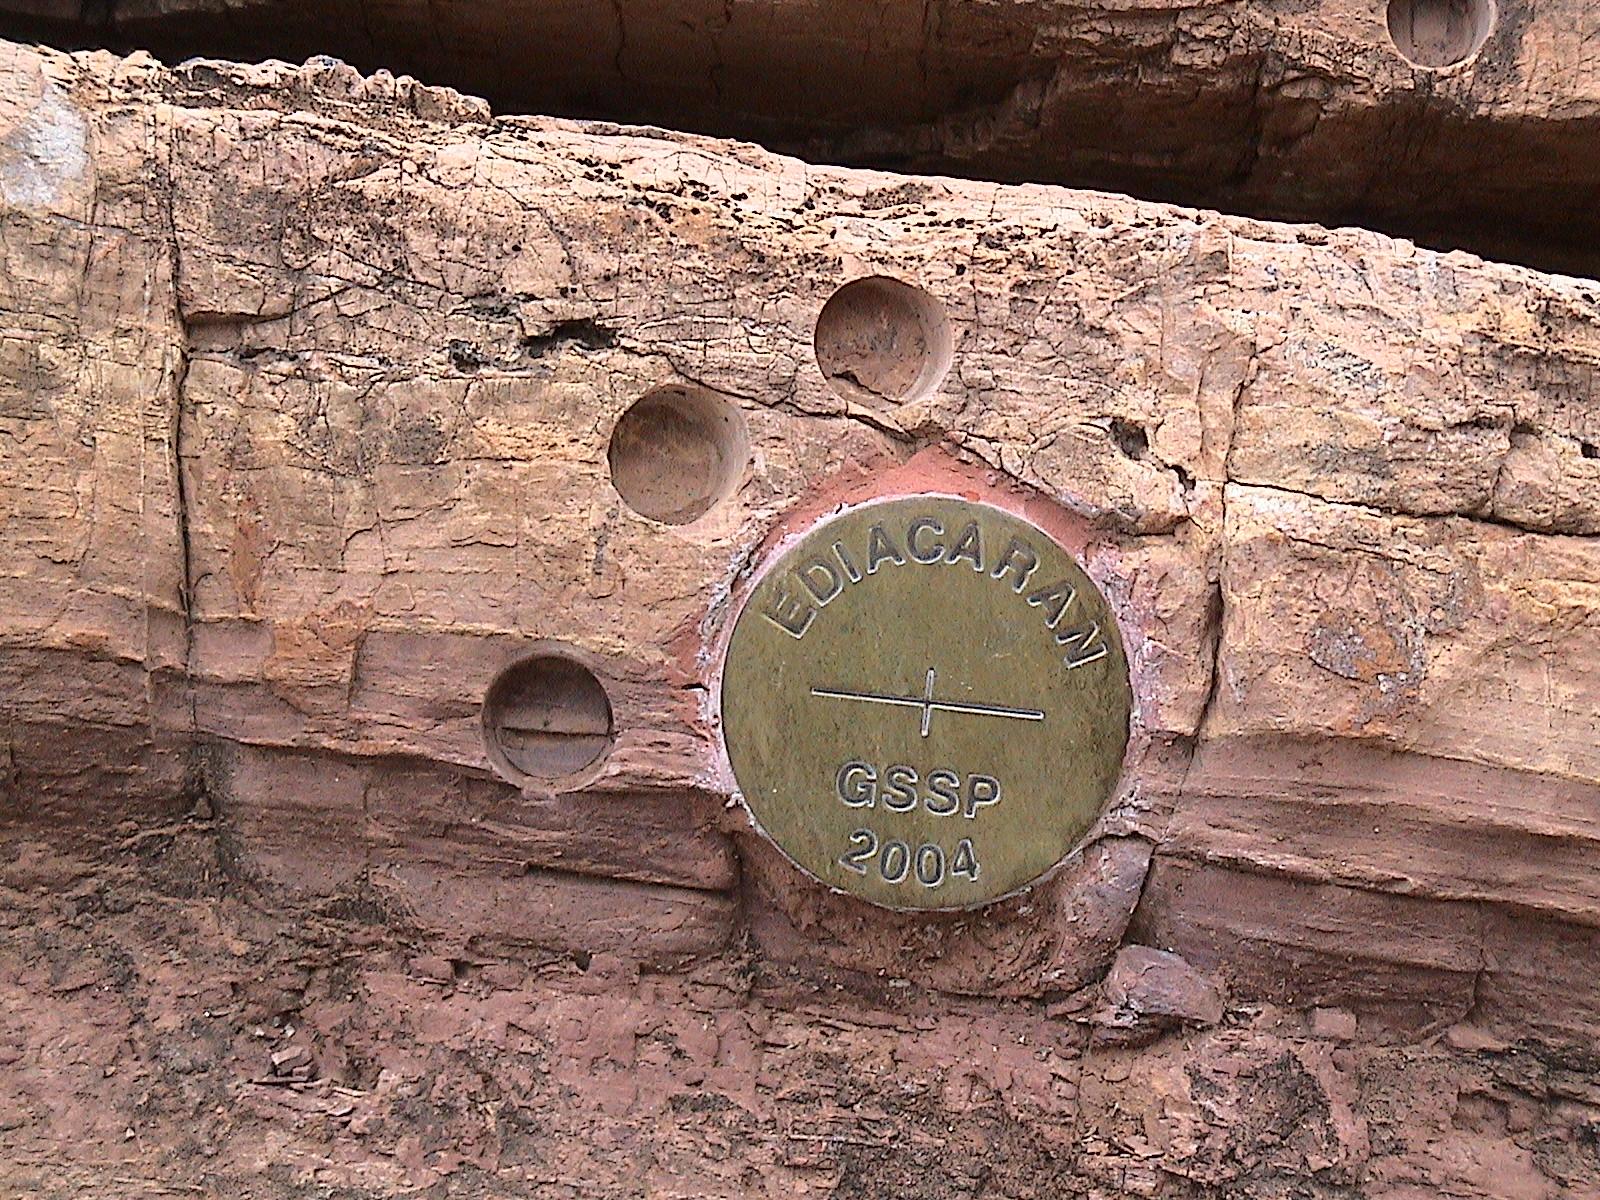 หมุดทองระบุตำแหน่งชุดหินอ้างอิง (GSSP) ของยุคเอเดียคาเรน (Ediacaran Period) ในประเทศออสเตรเลีย รอยวงกลมบนหินคือตำแหน่งที่เก็บตัวอย่างหินสำหรับการศึกษาการเปลี่ยนแปลงสนามแม่เหล็กโลก